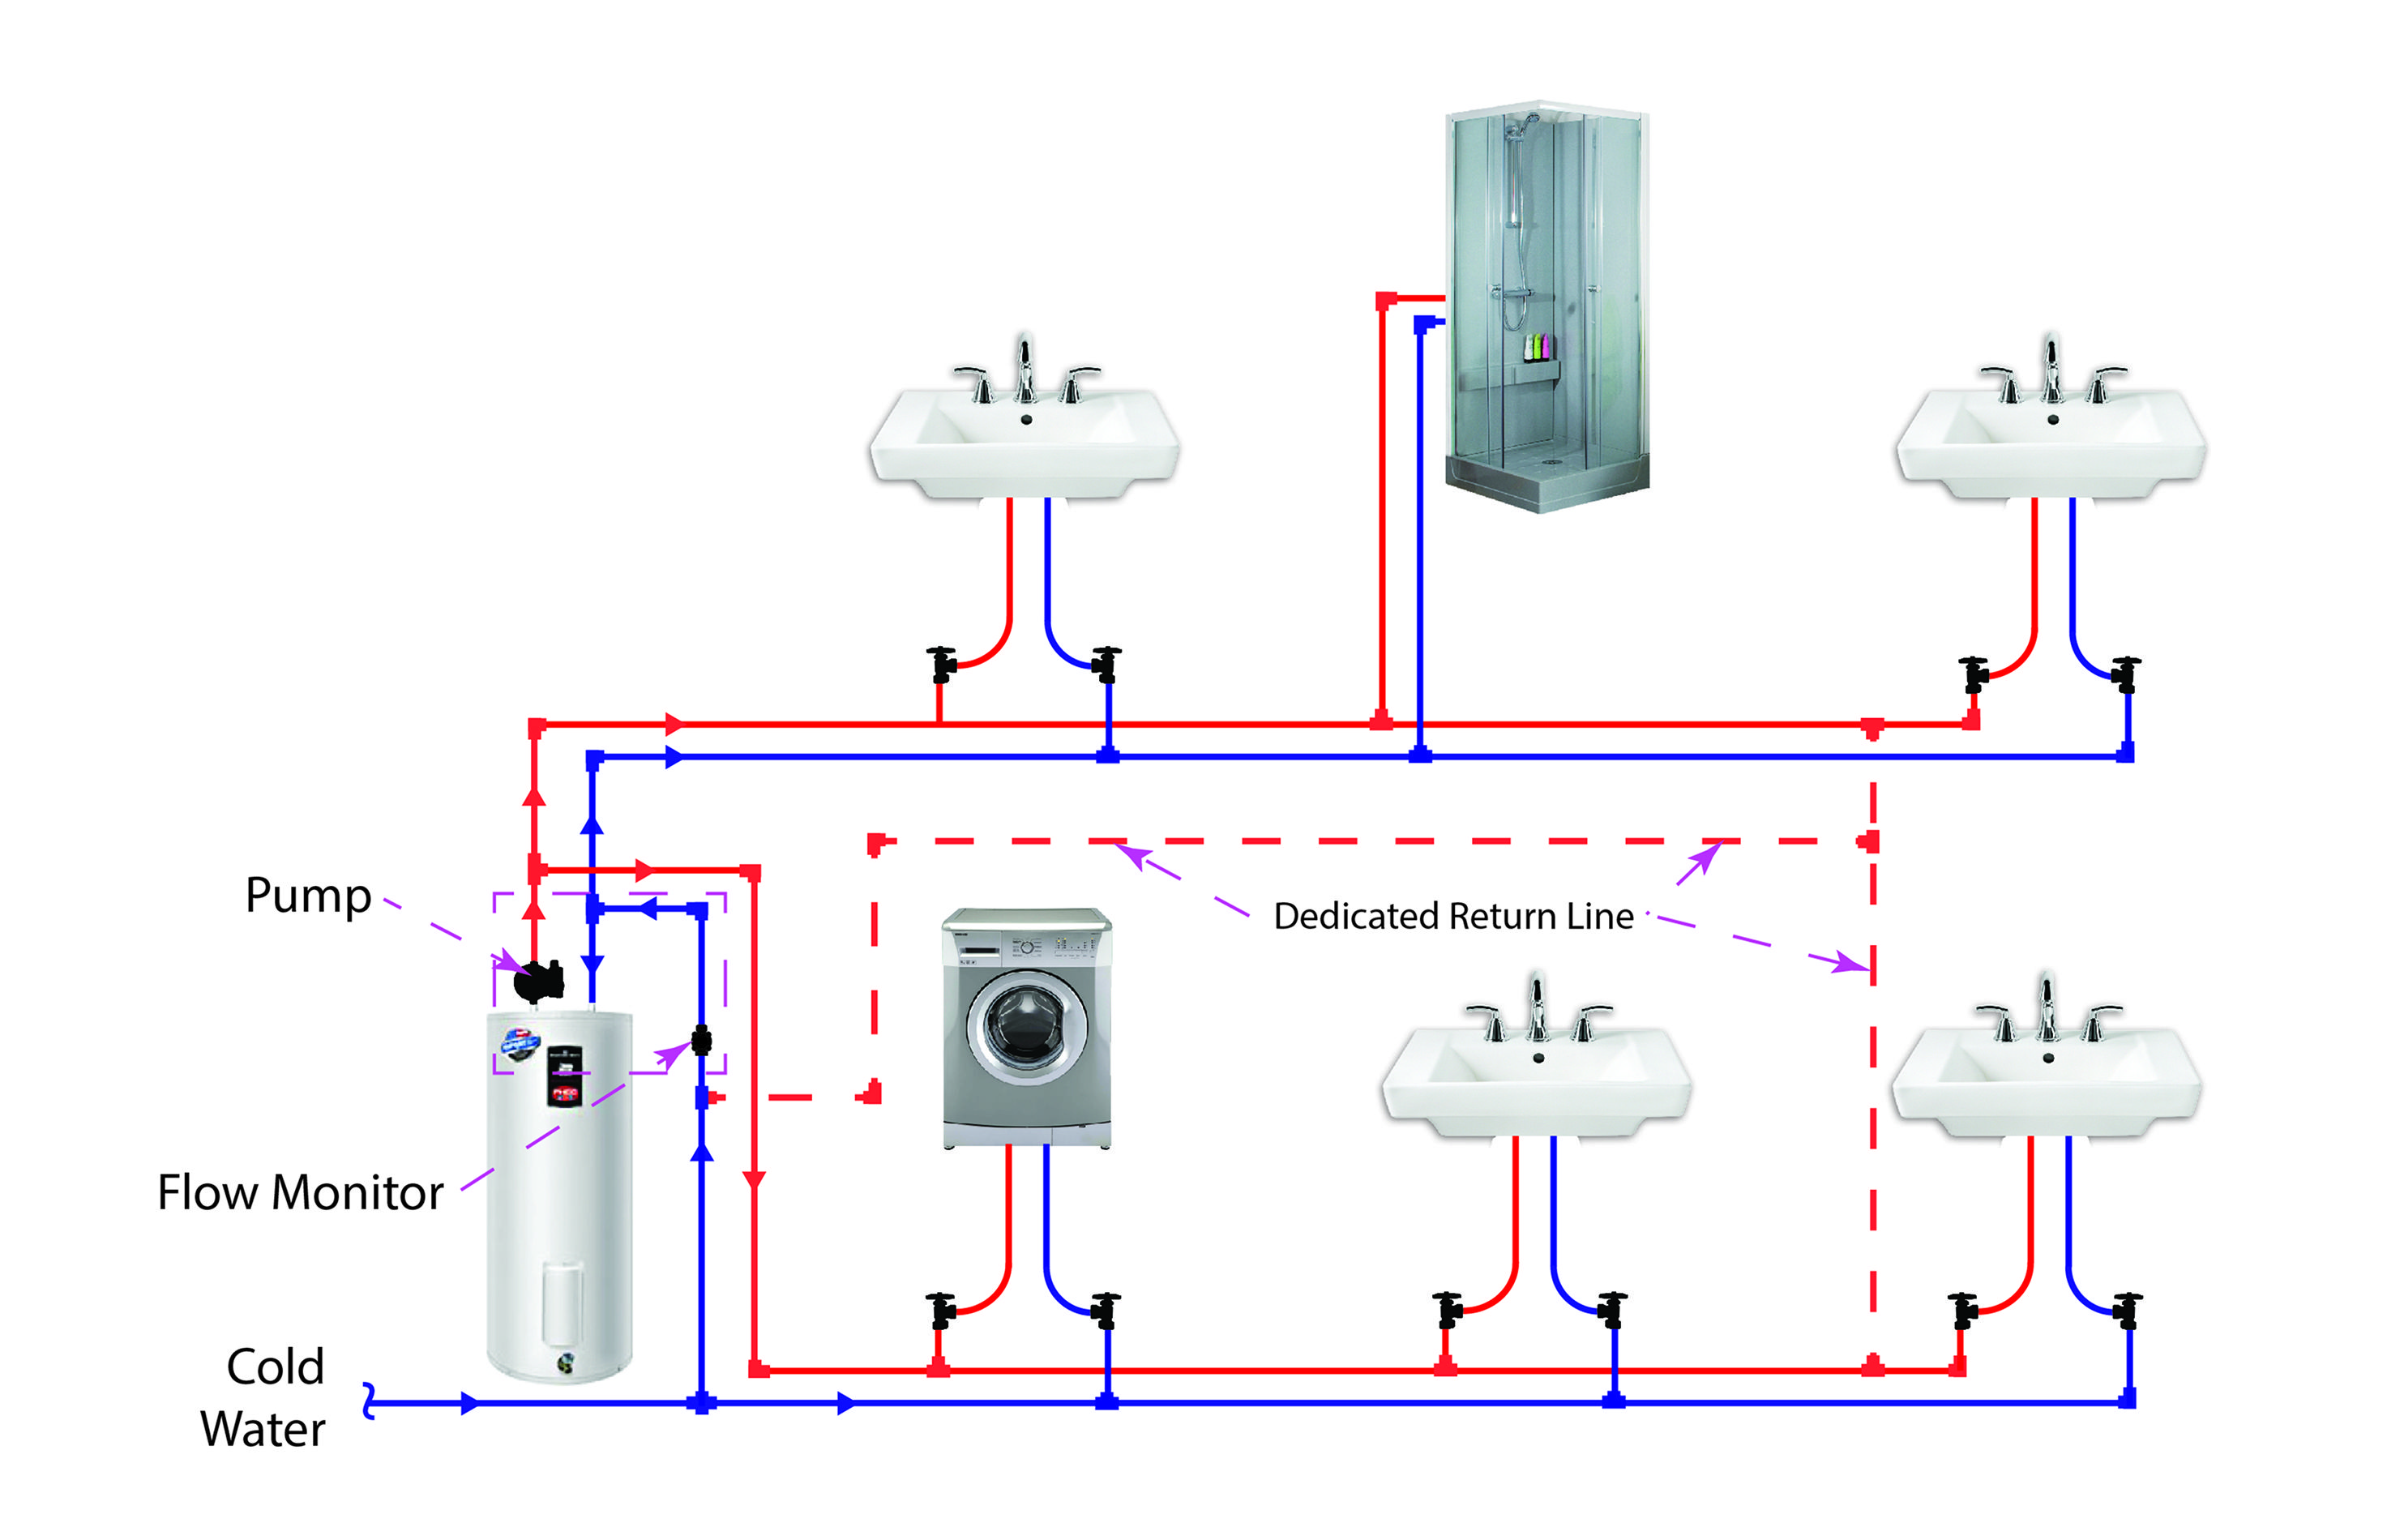 Dedicated Hot Water Circulation Loop